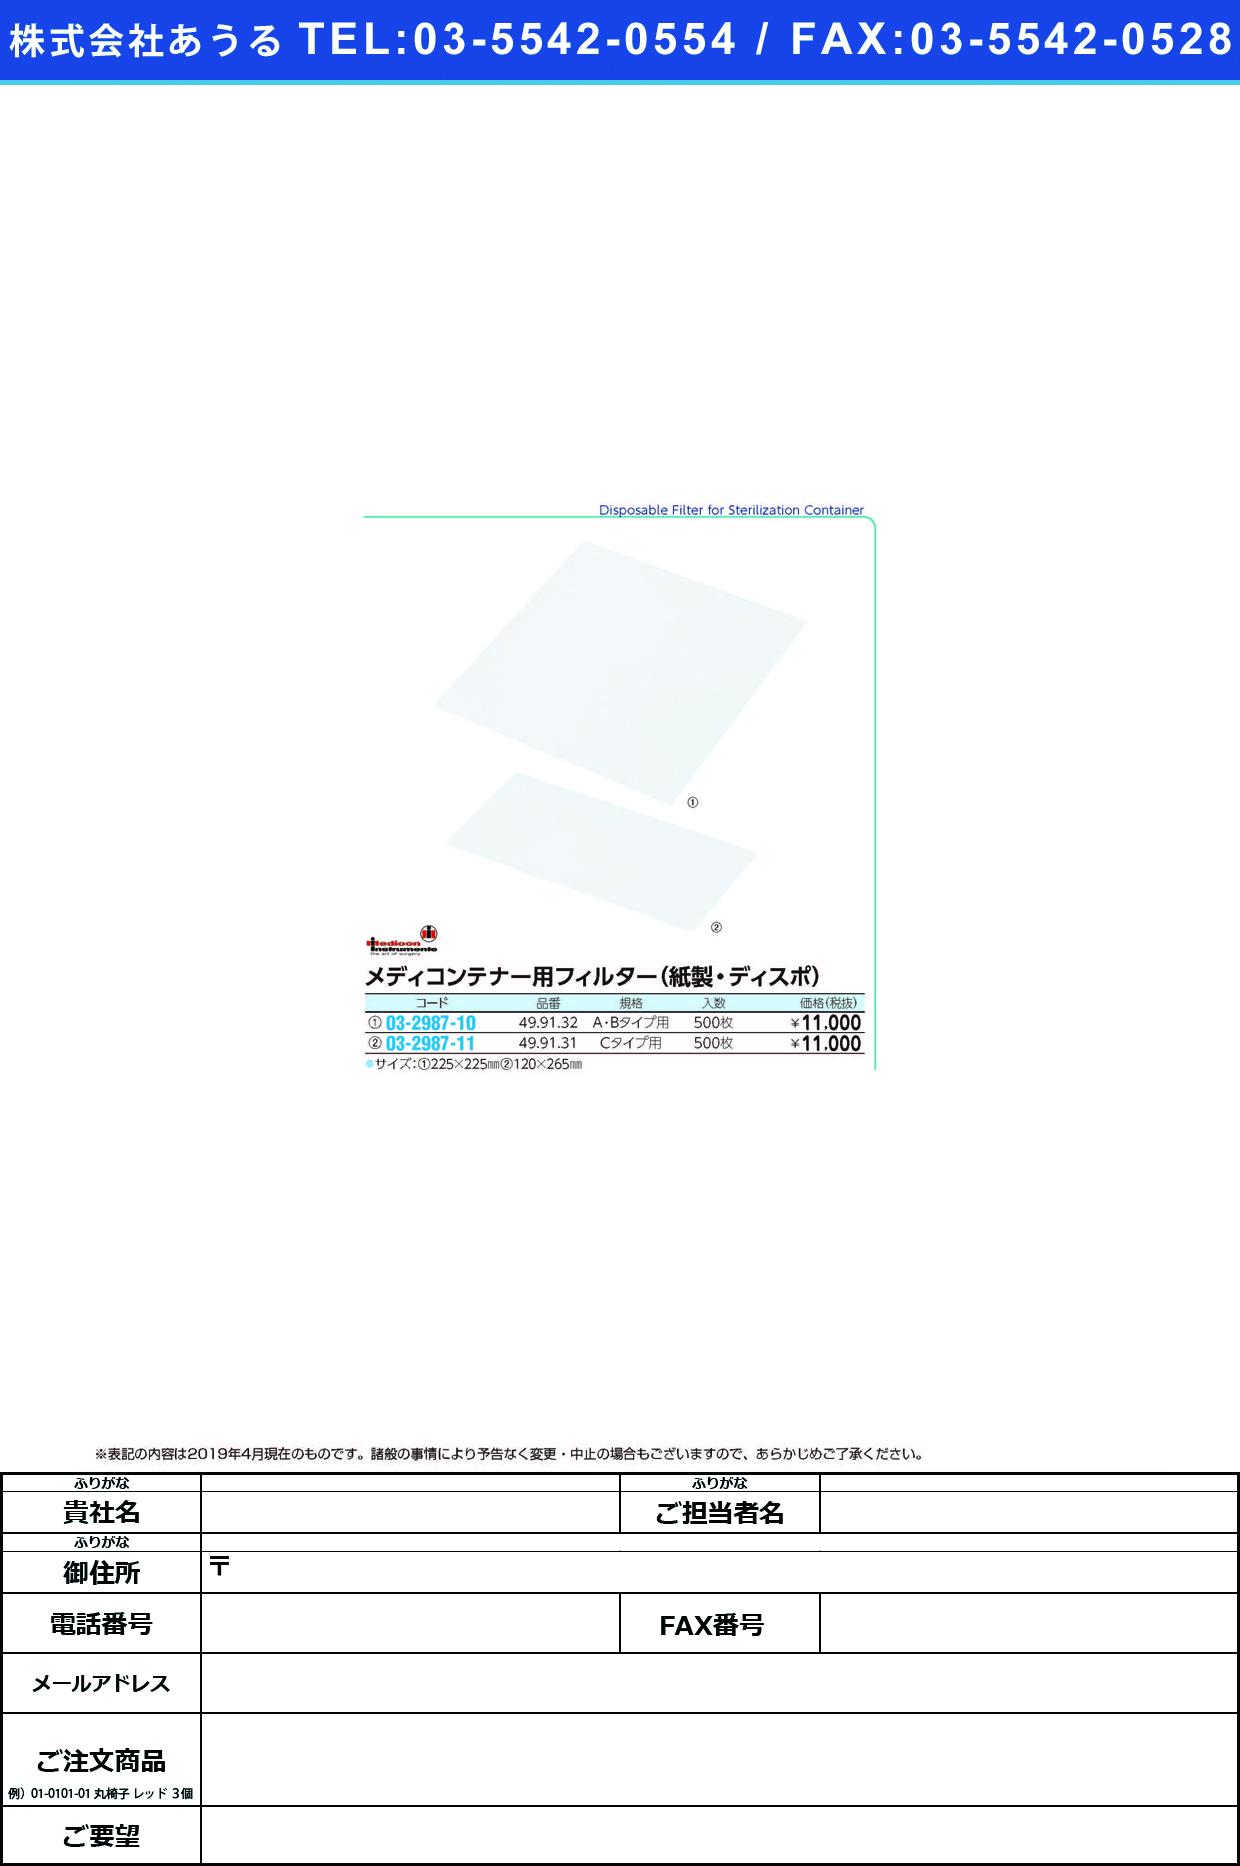 メディコンテナー用フィルター(紙製) 49.91.05(A・B)500マイ メディコンテナーフィルター(カミセイ)